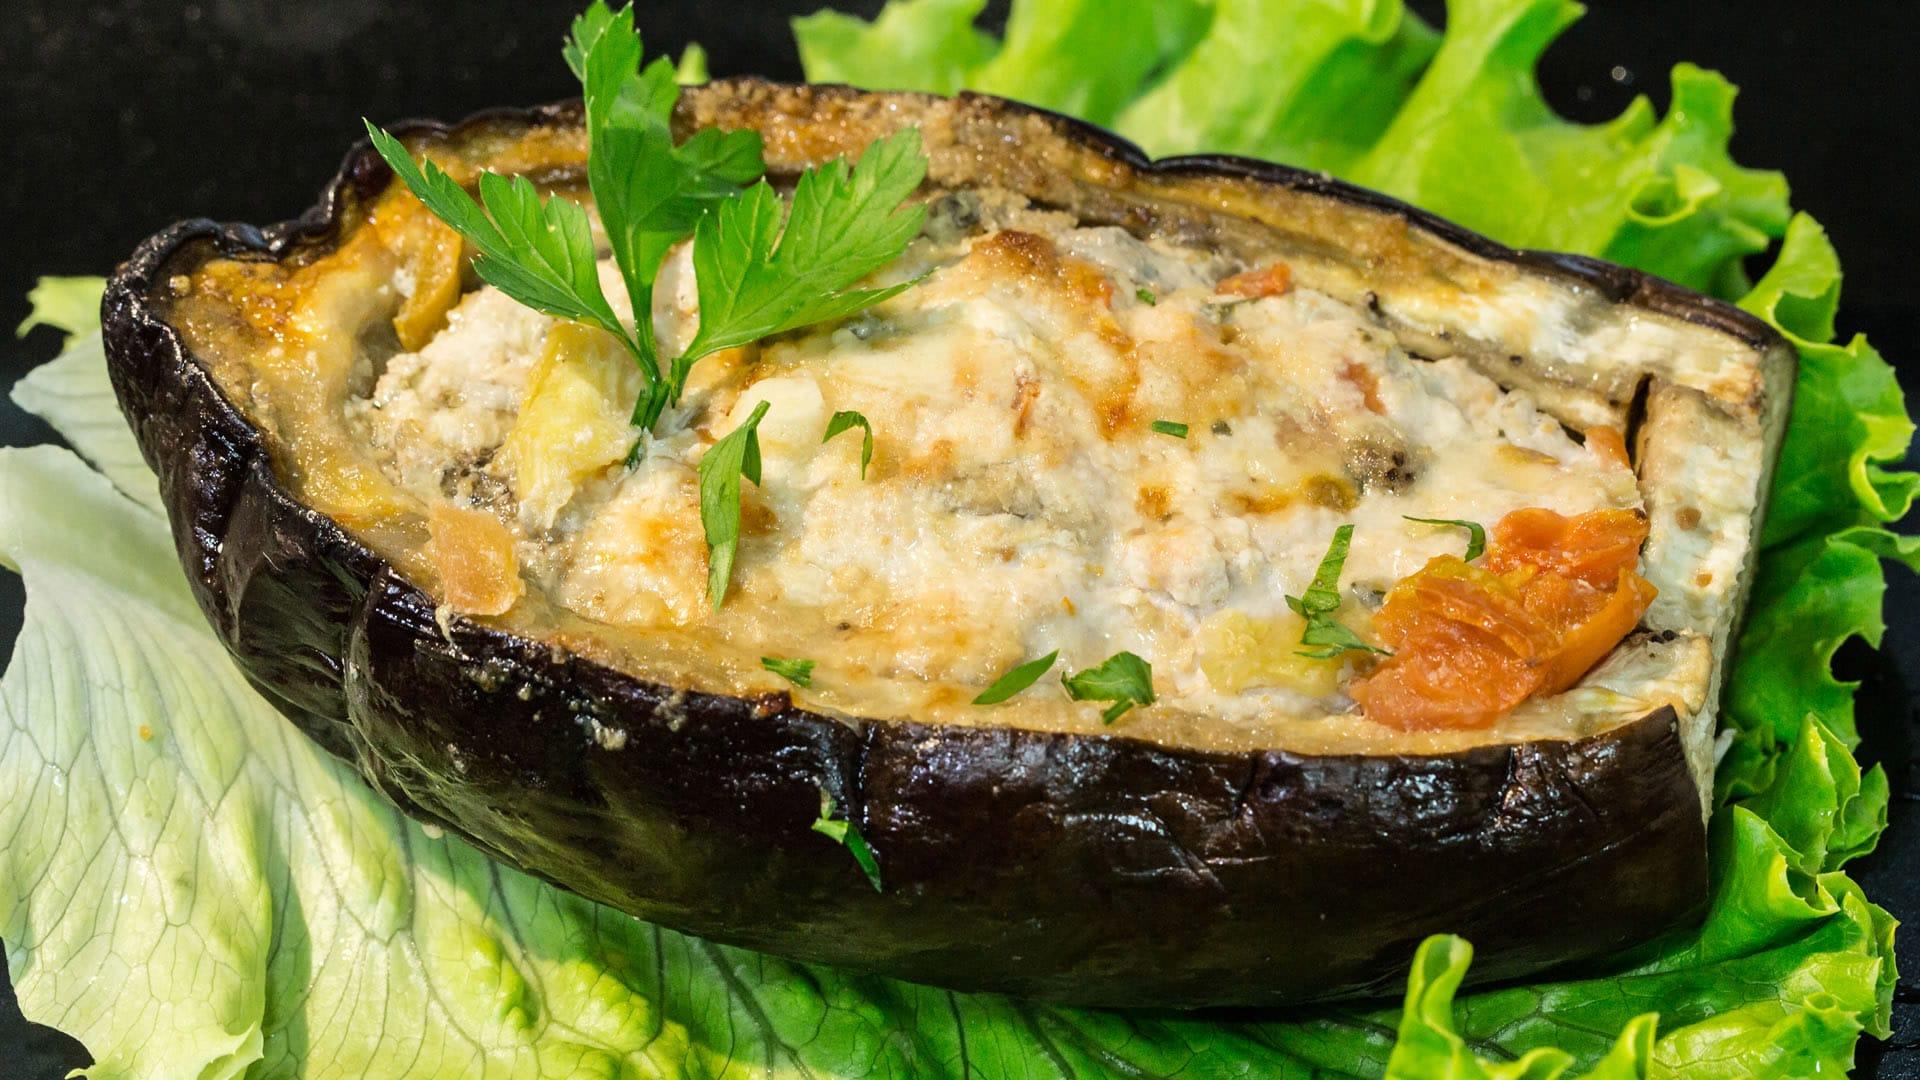 verdure ripiene di carne - Come Cucinare Le Melanzane Ripiene